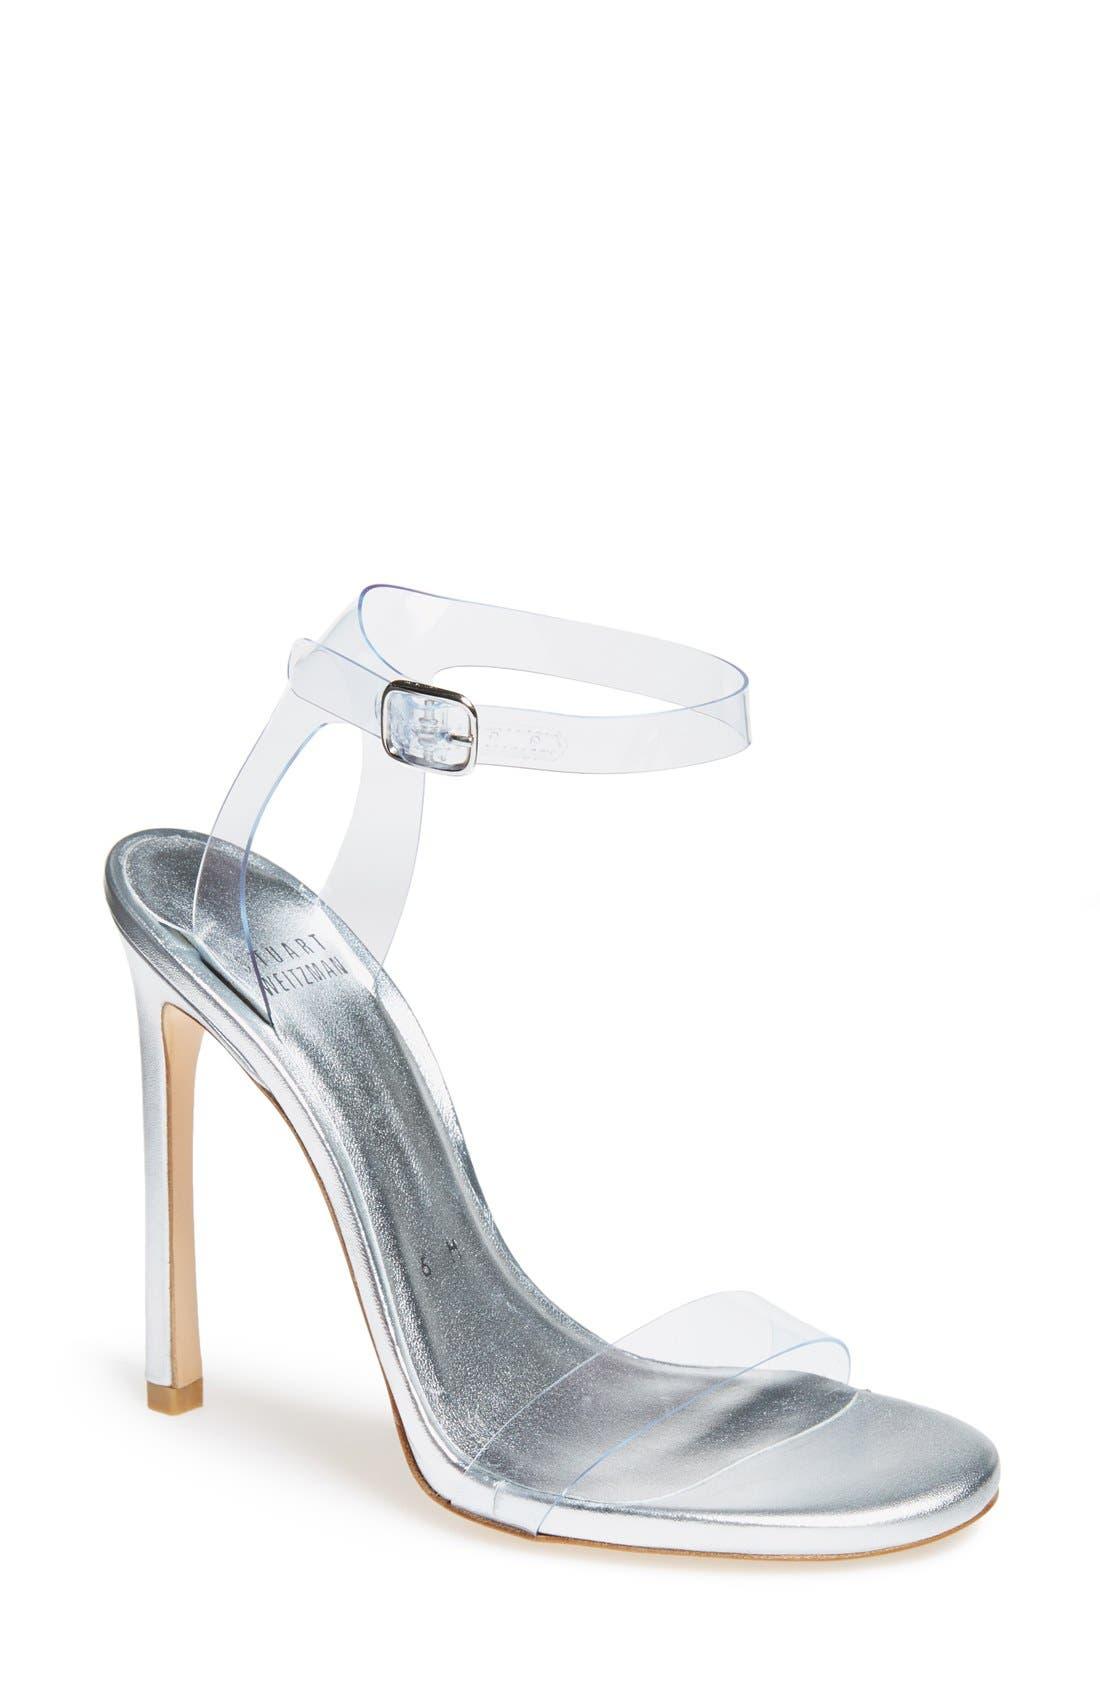 Alternate Image 1 Selected - Stuart Weitzman 'Bareitall' Translucent Strap Sandal (Women)